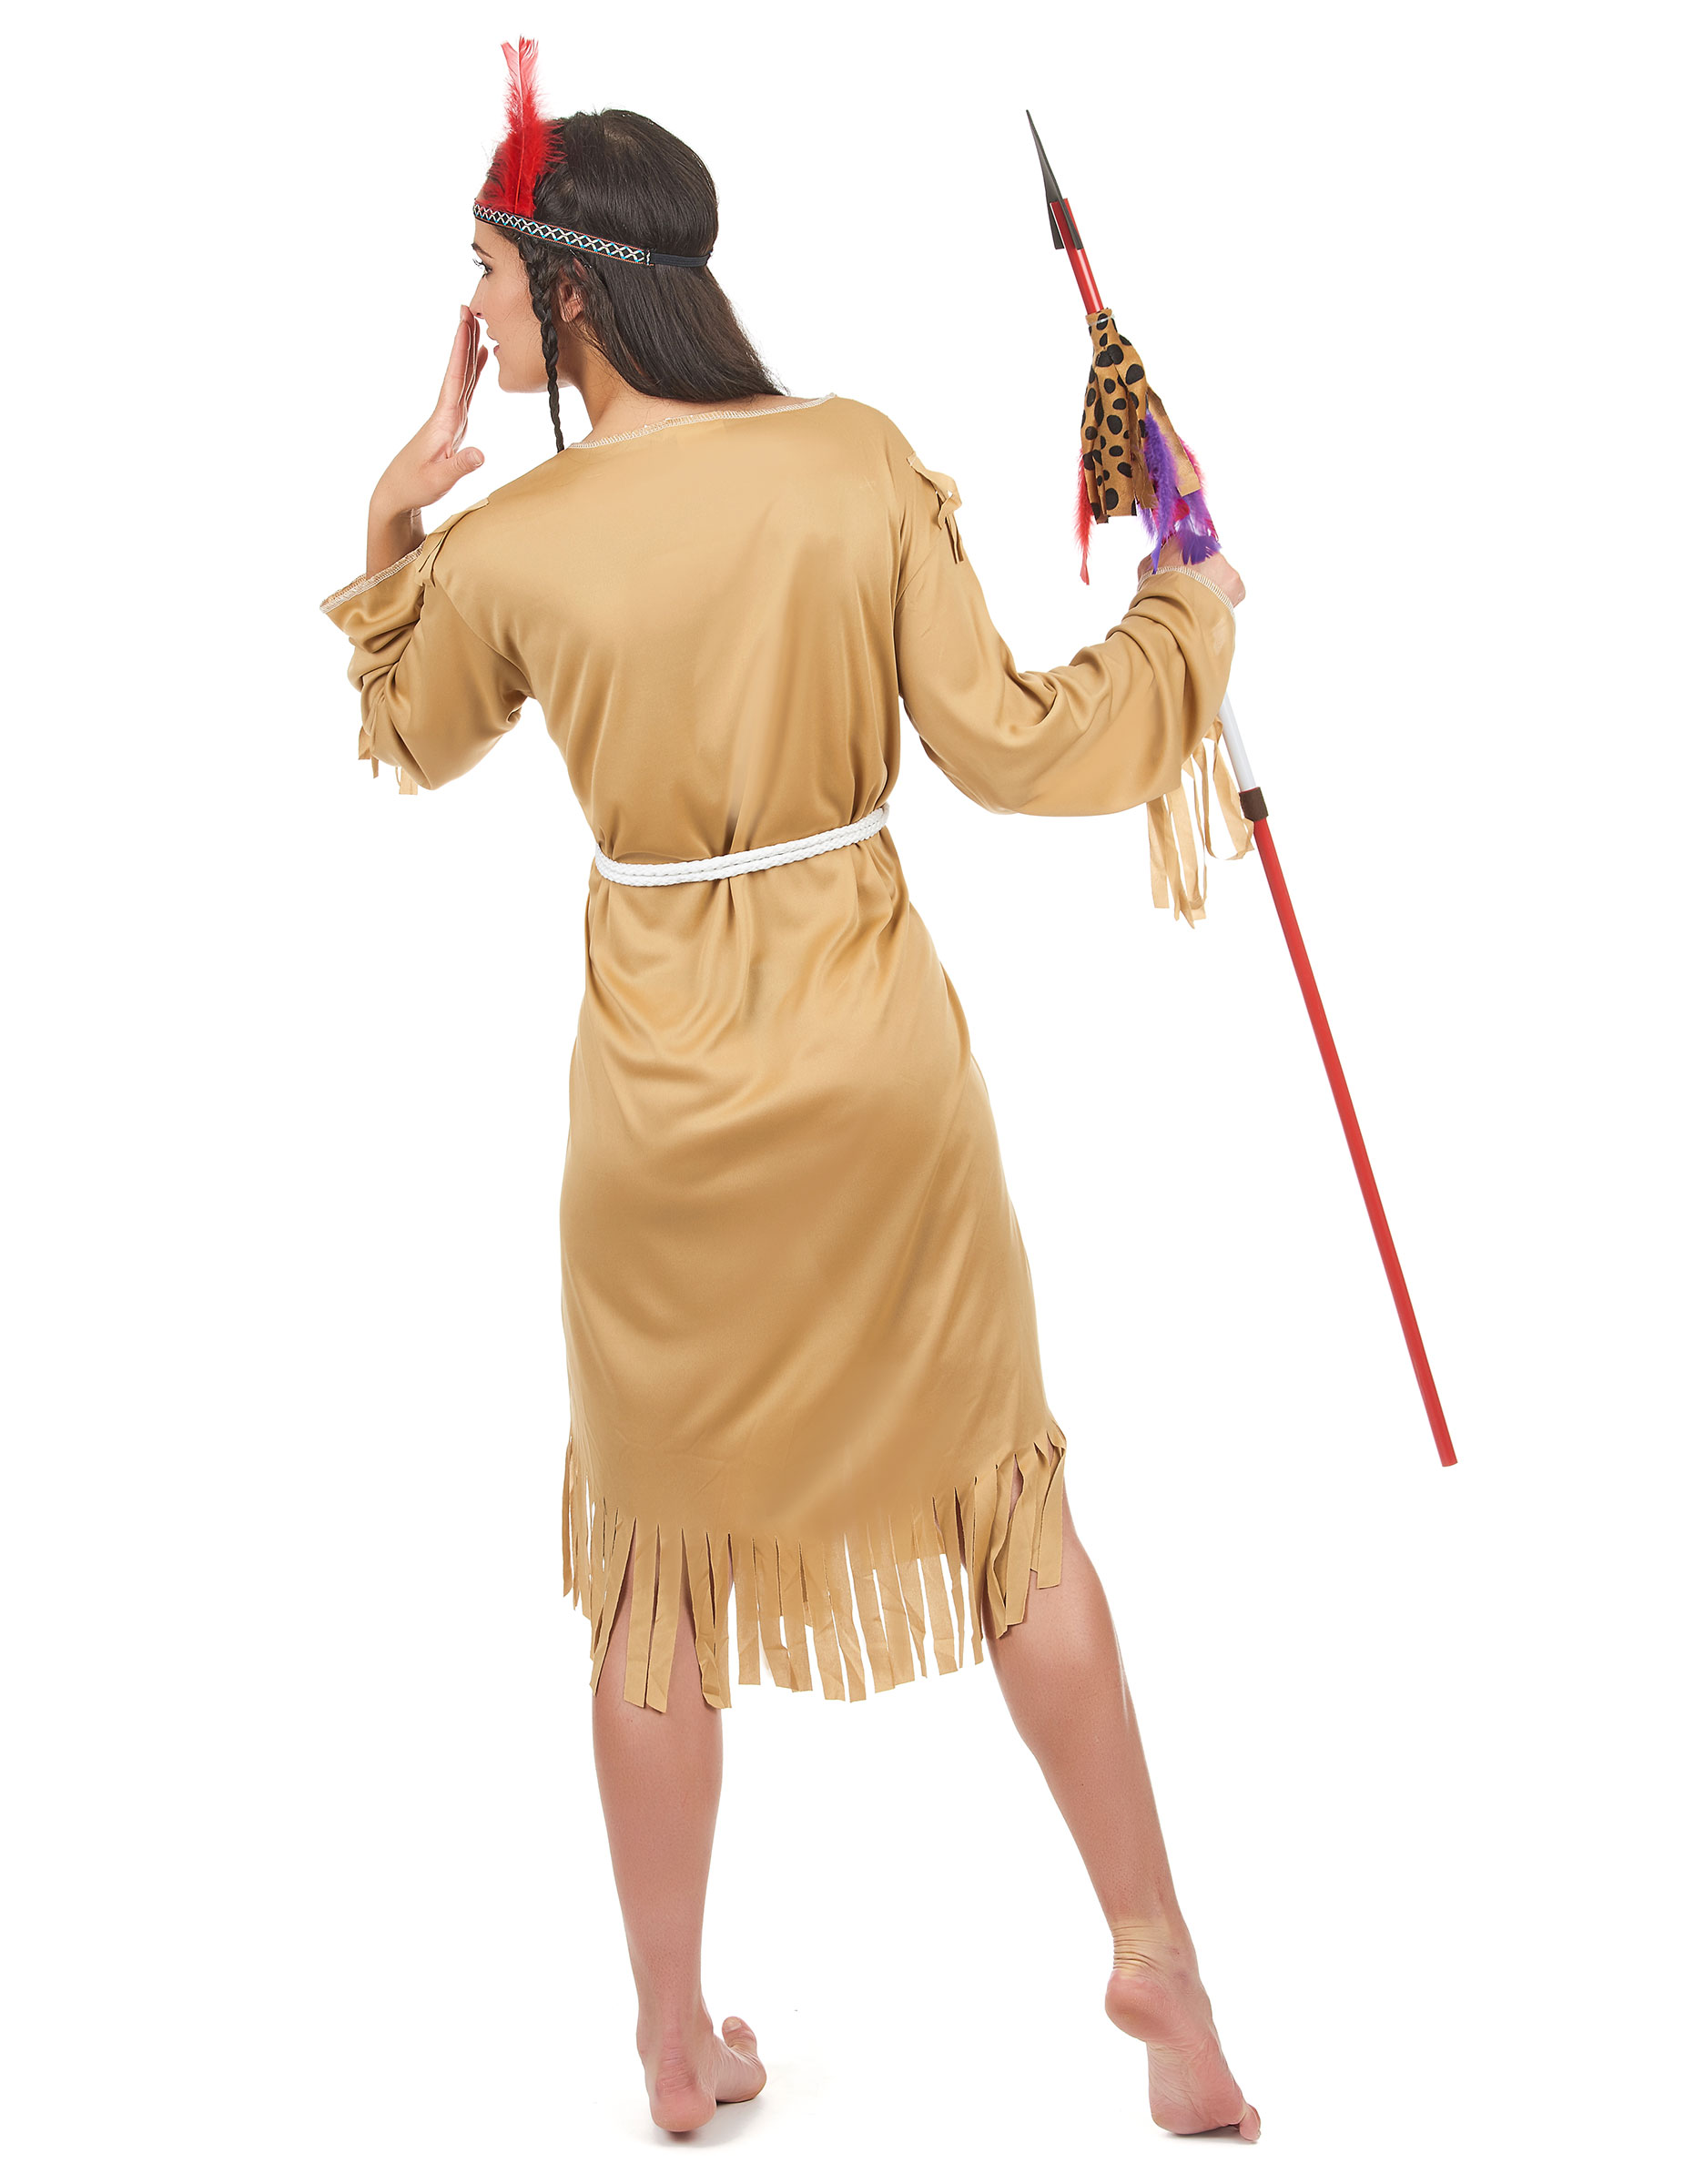 d guisement indienne robe longue femme deguise toi achat de d guisements adultes. Black Bedroom Furniture Sets. Home Design Ideas